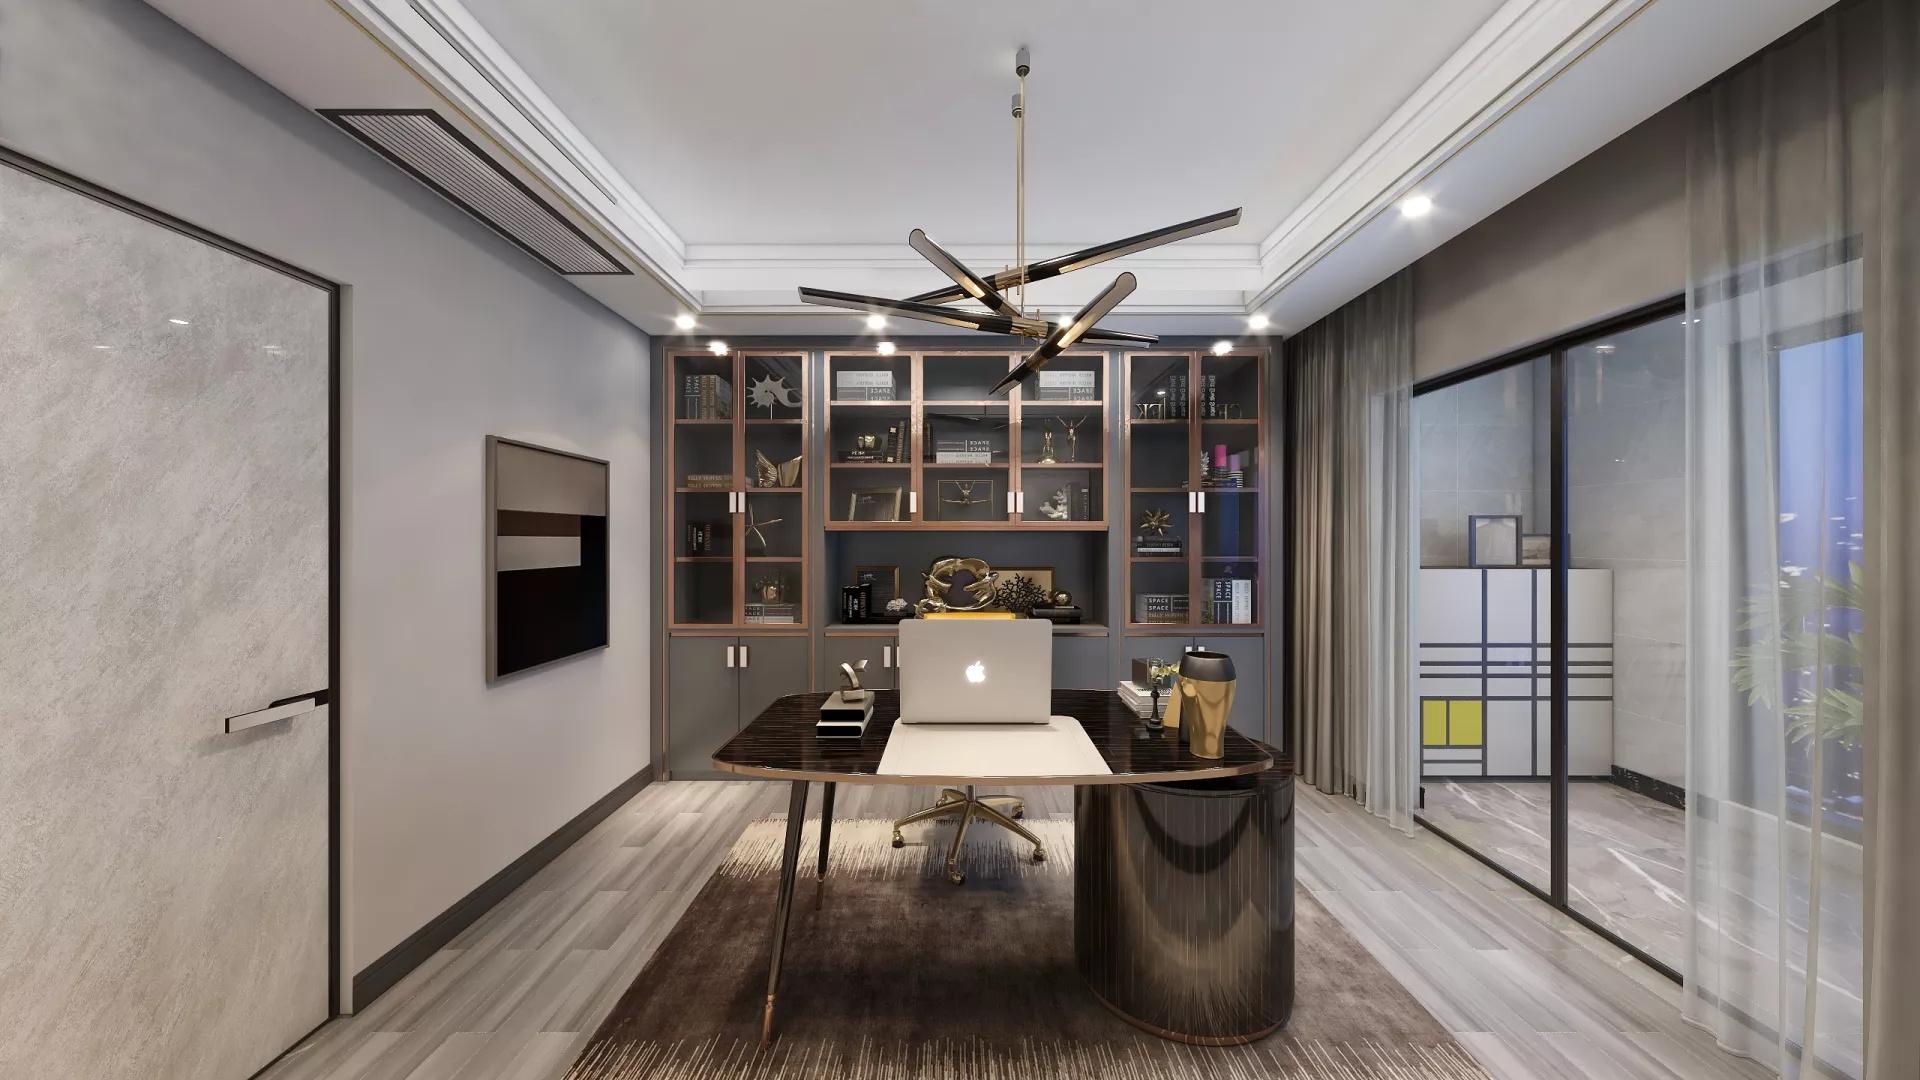 复式古典美式风格家居装修效果图